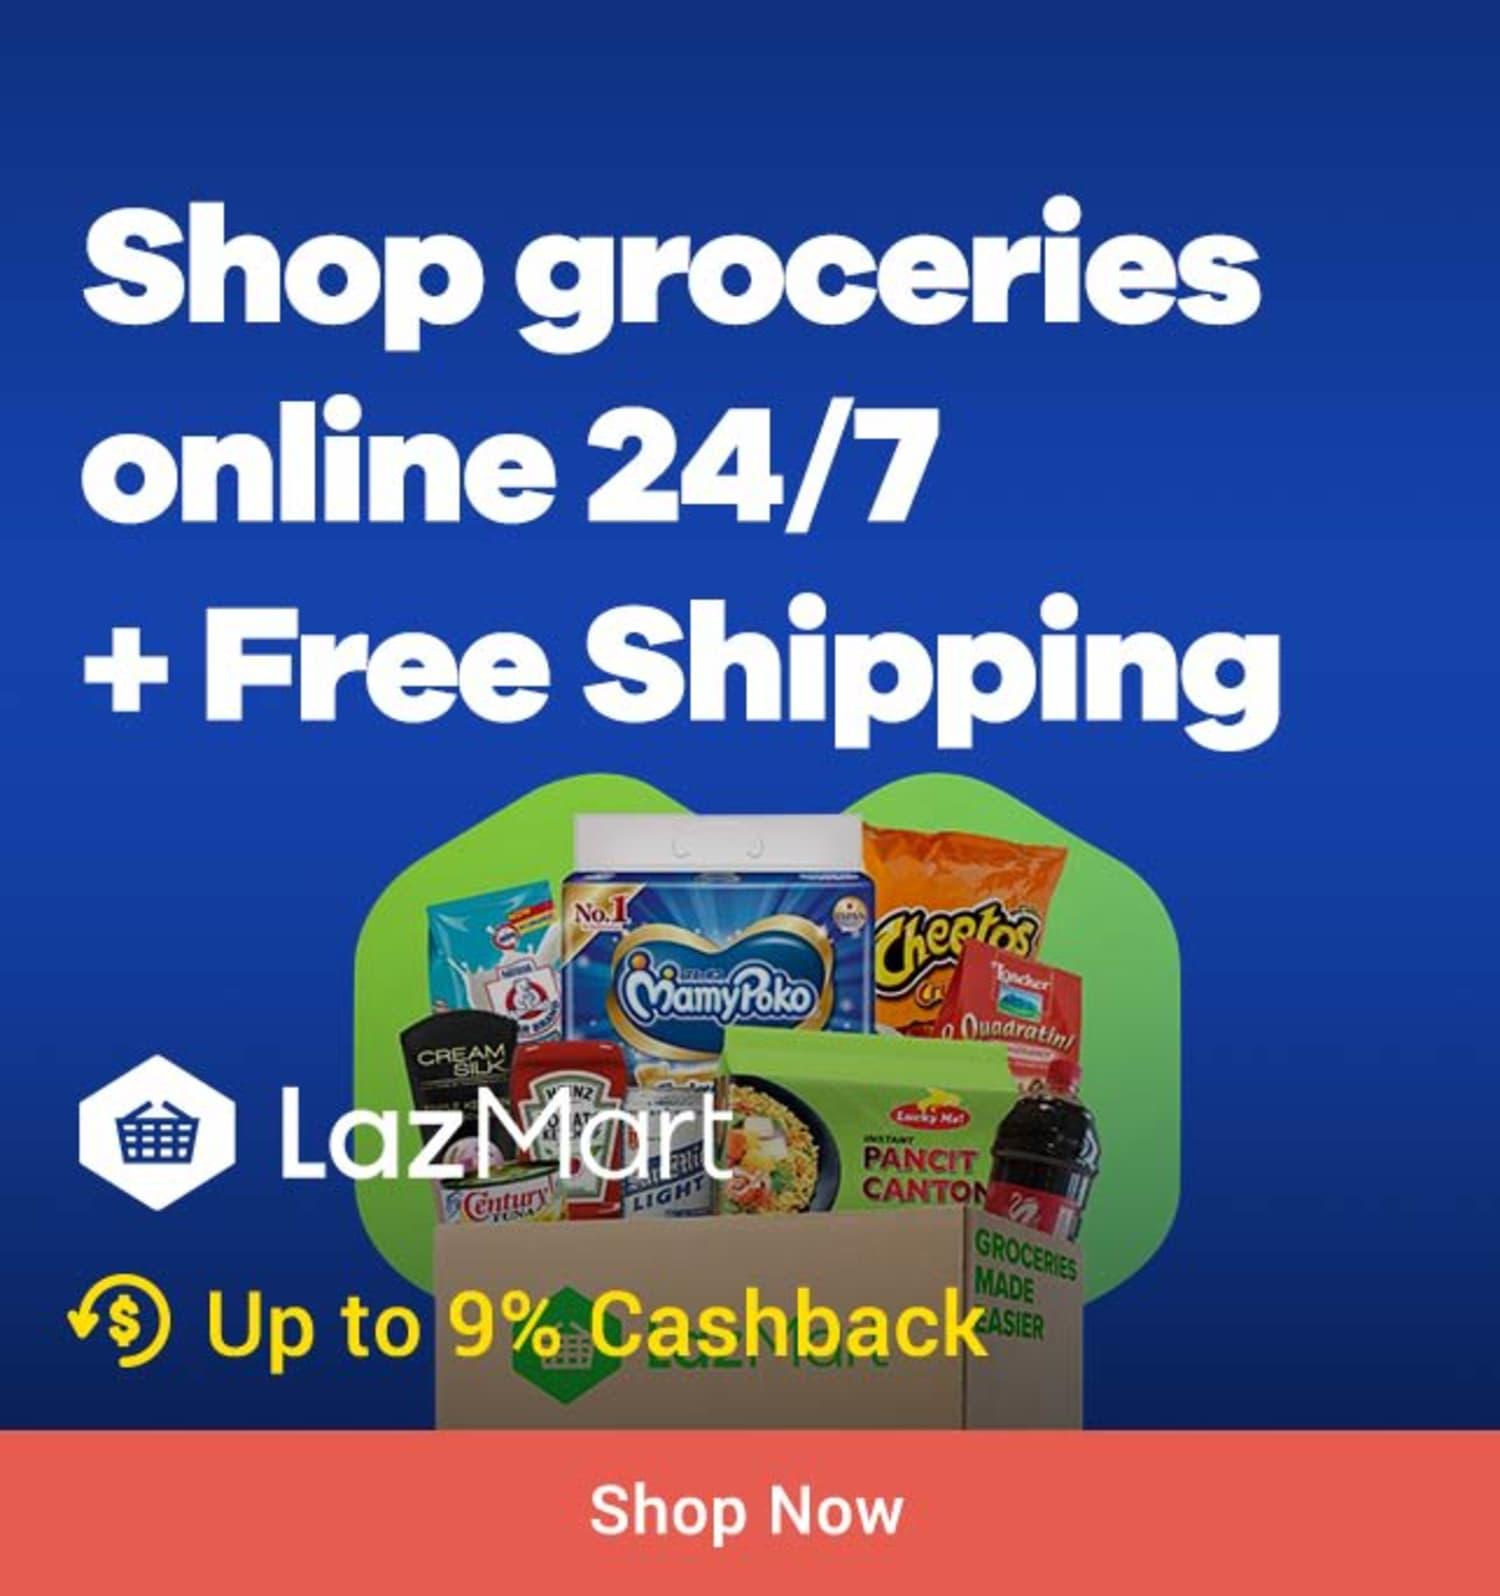 LazMart: Groceries online 24/7